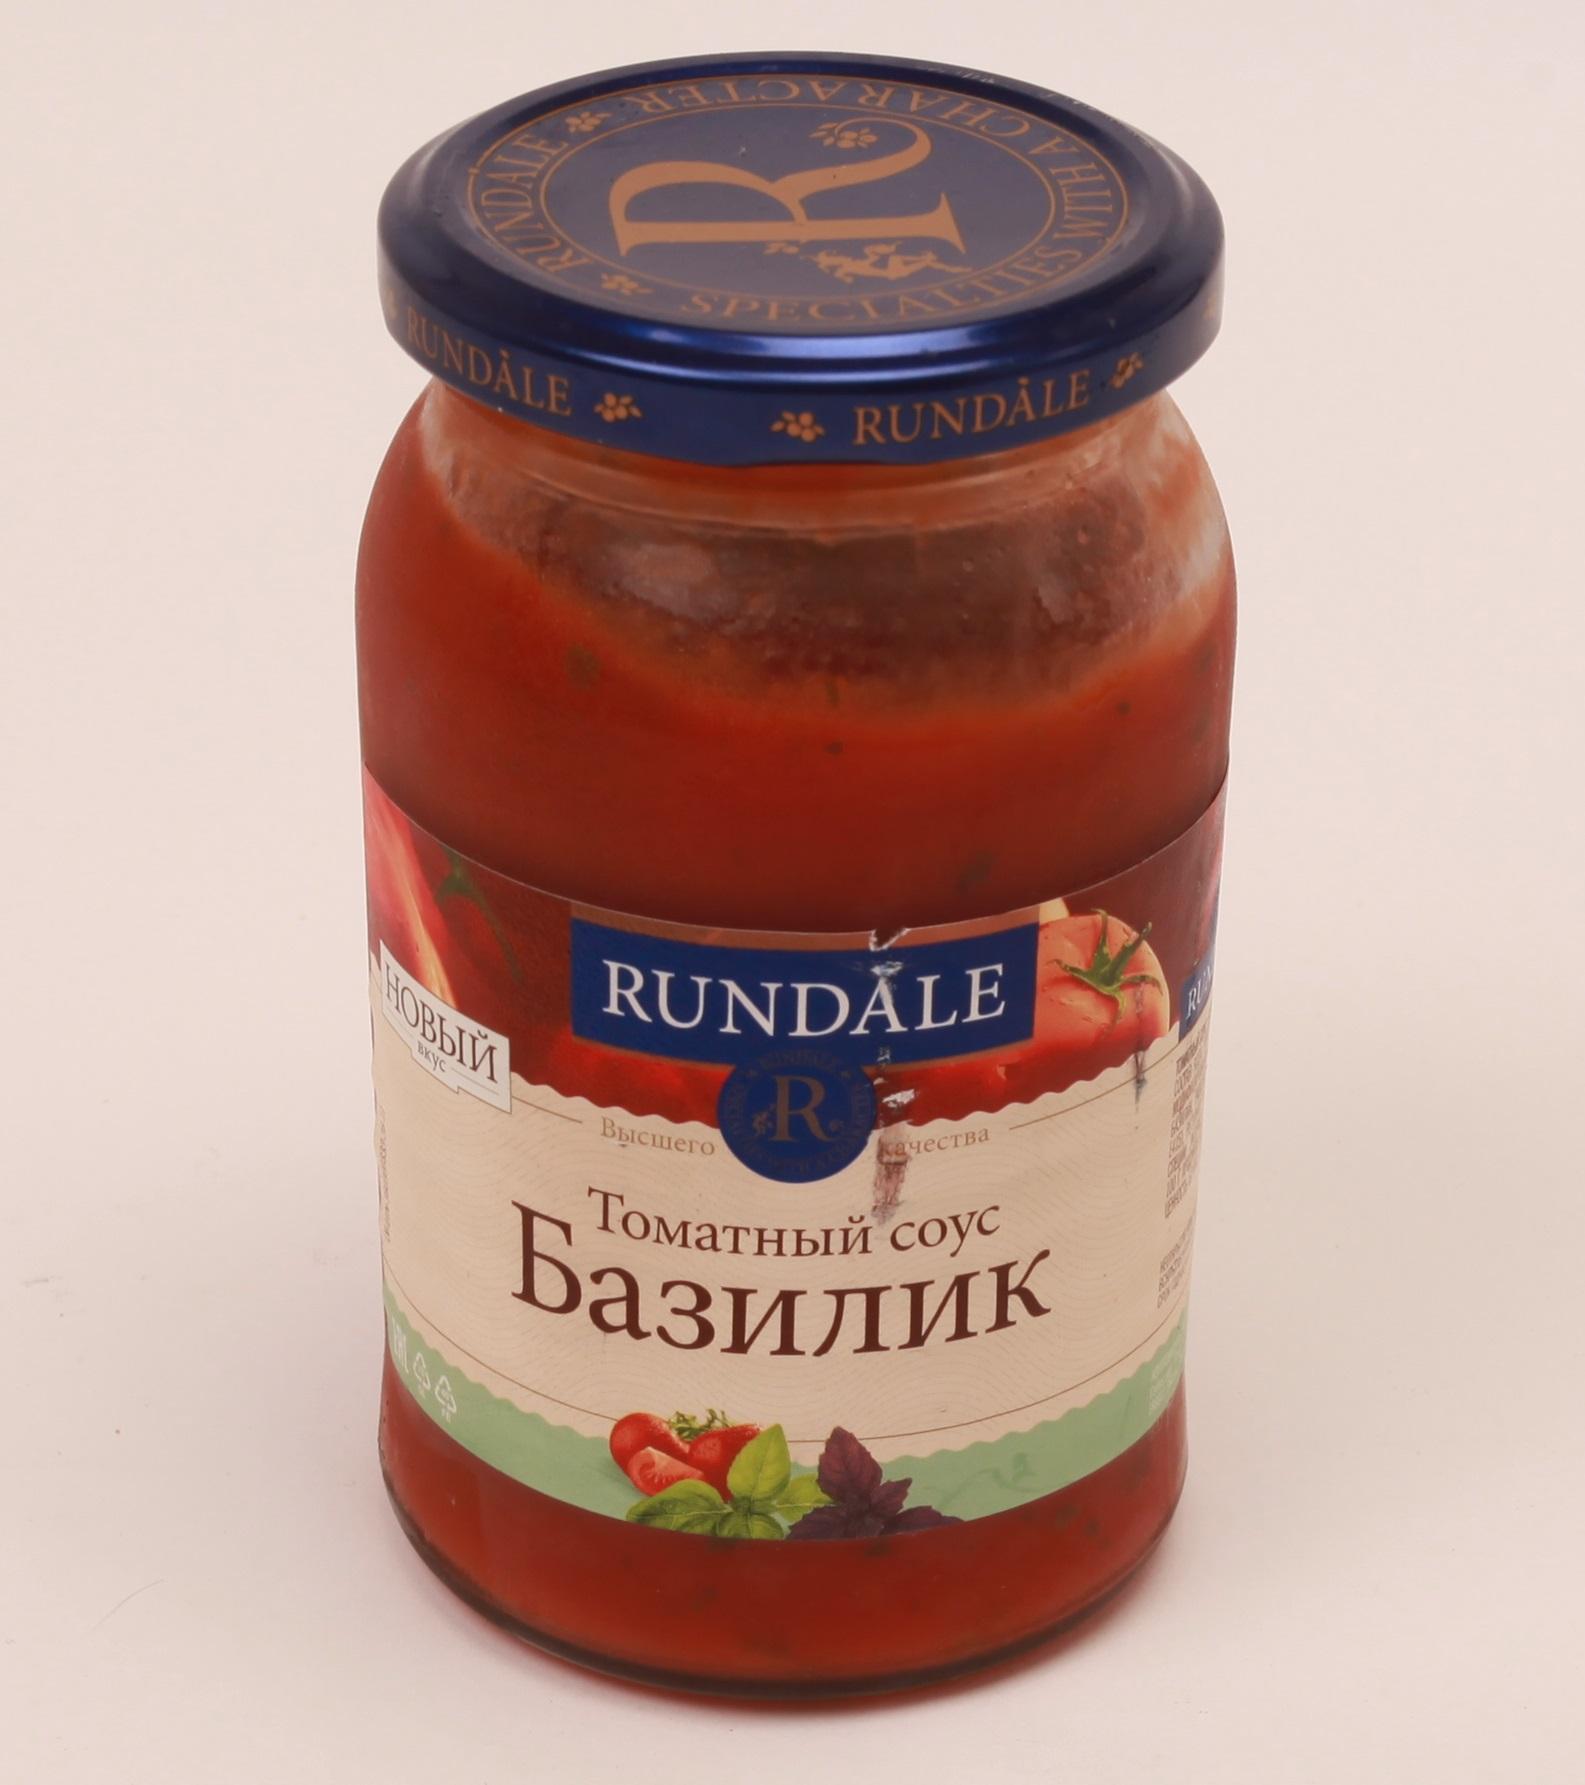 Соус томатный с Базиликом Rundale 380г фото